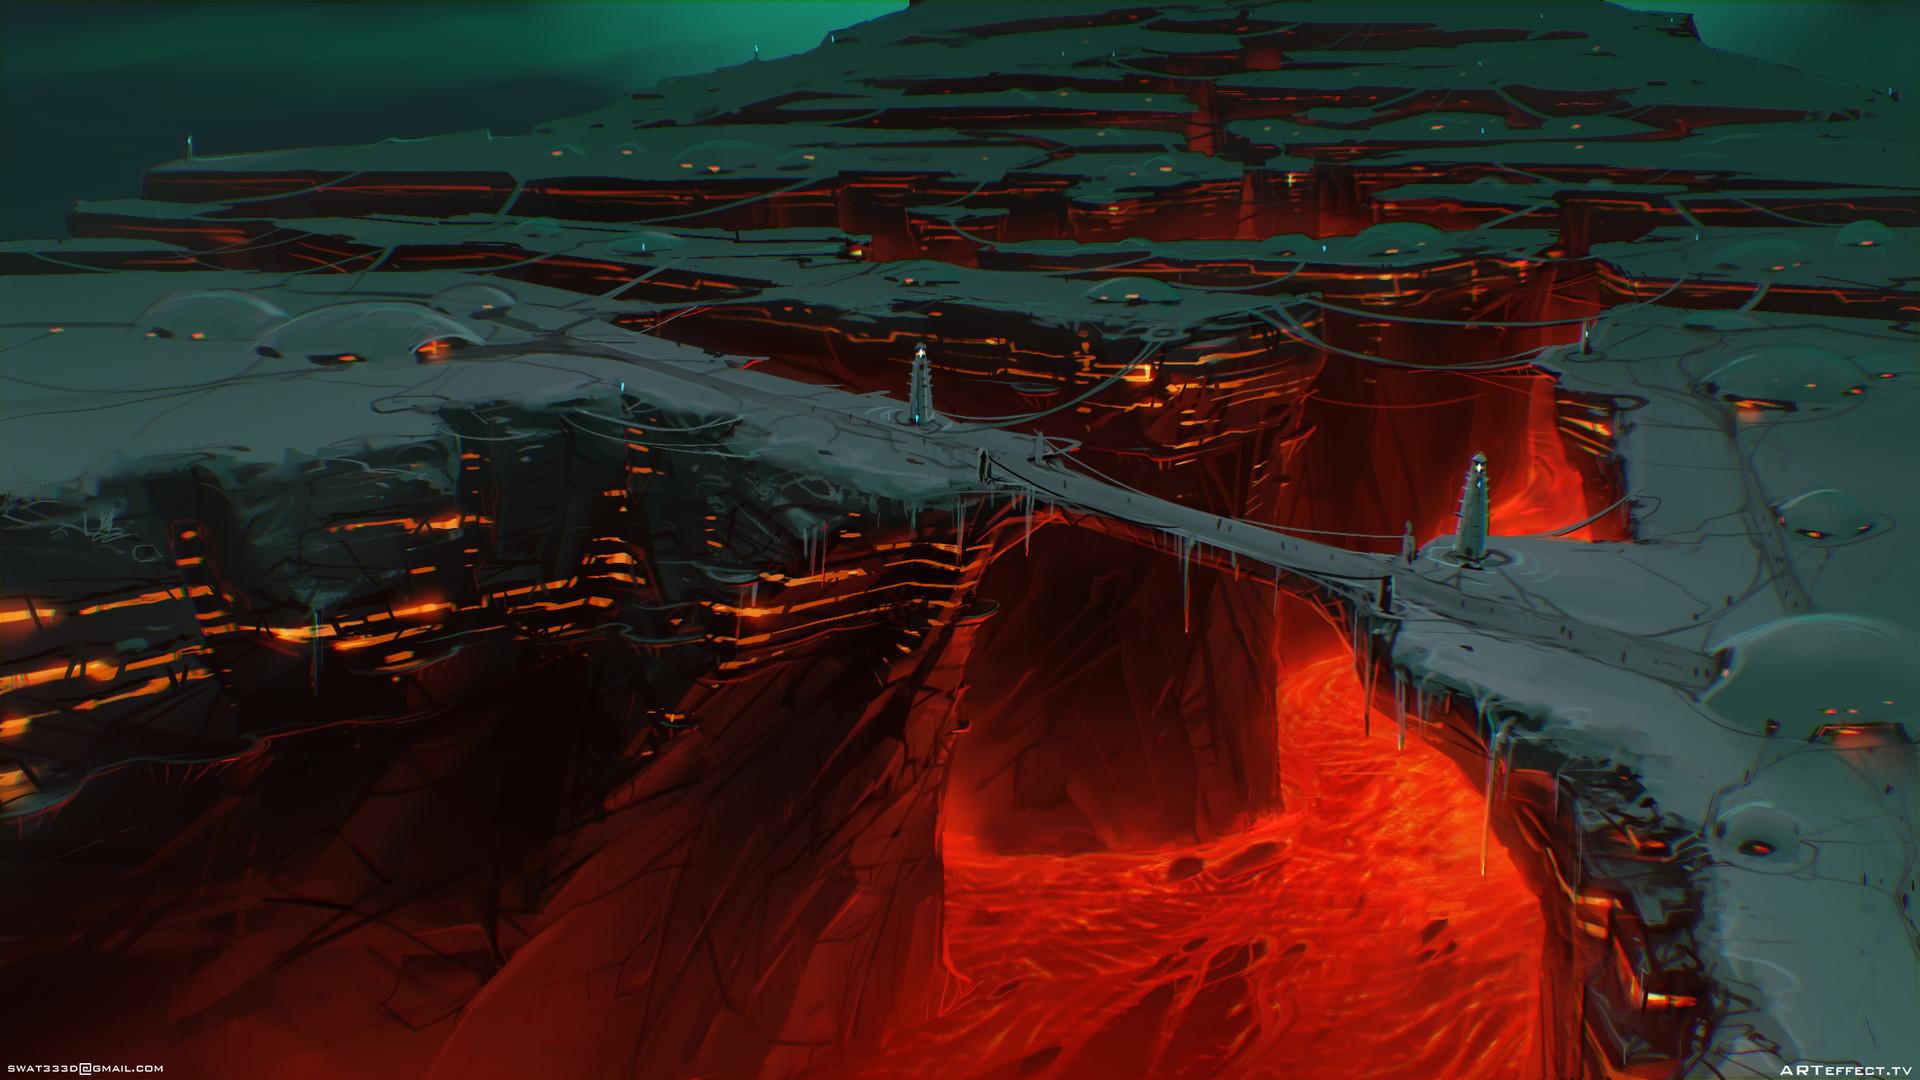 Sviatoslav gerasimchuk lava city